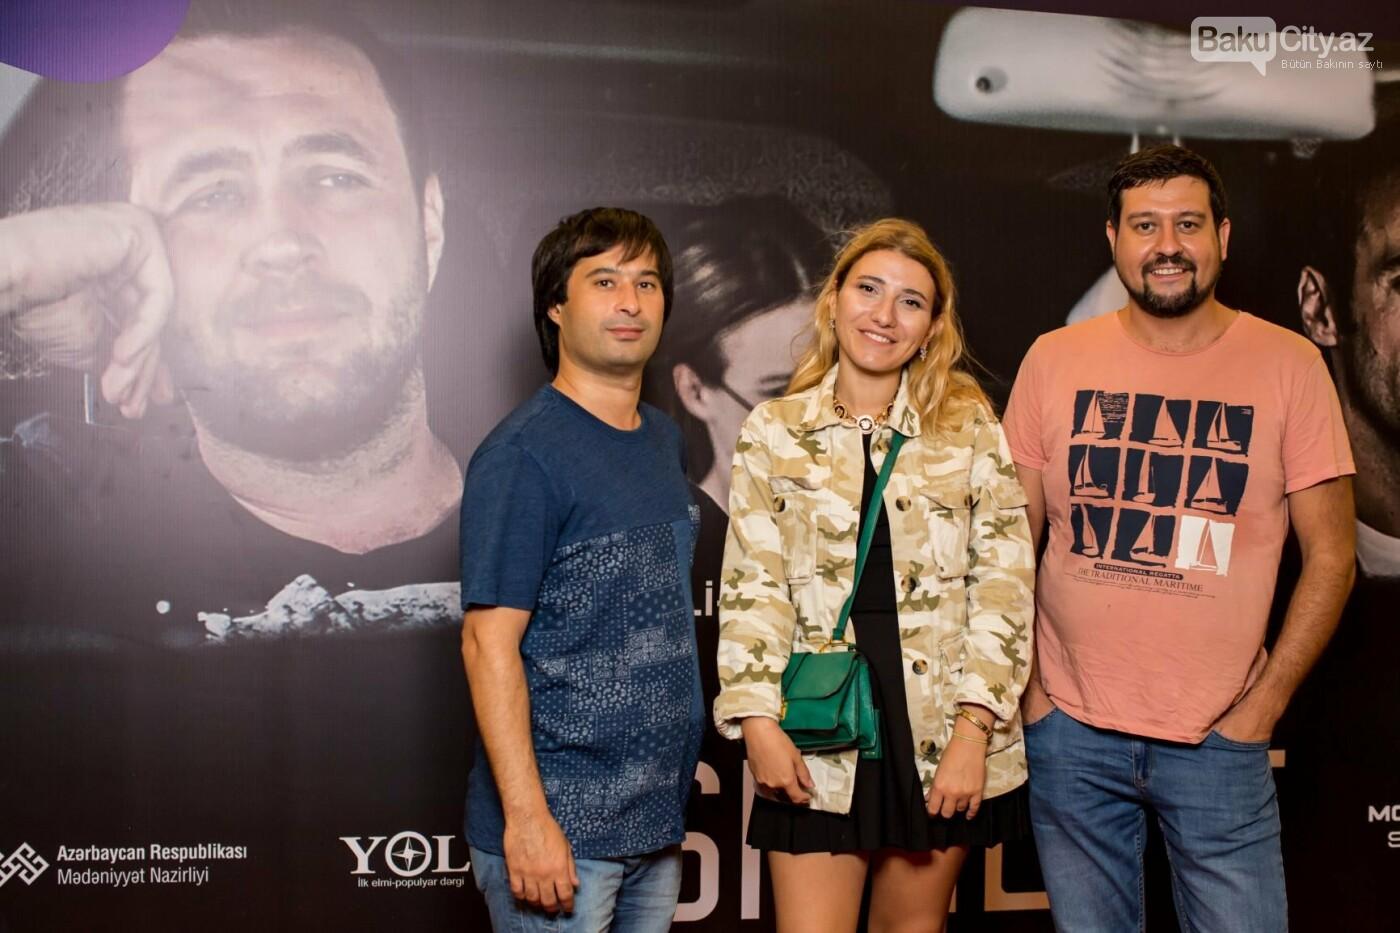 Bakıda Milli Kino Günü keçirildi - FOTO, fotoşəkil-13